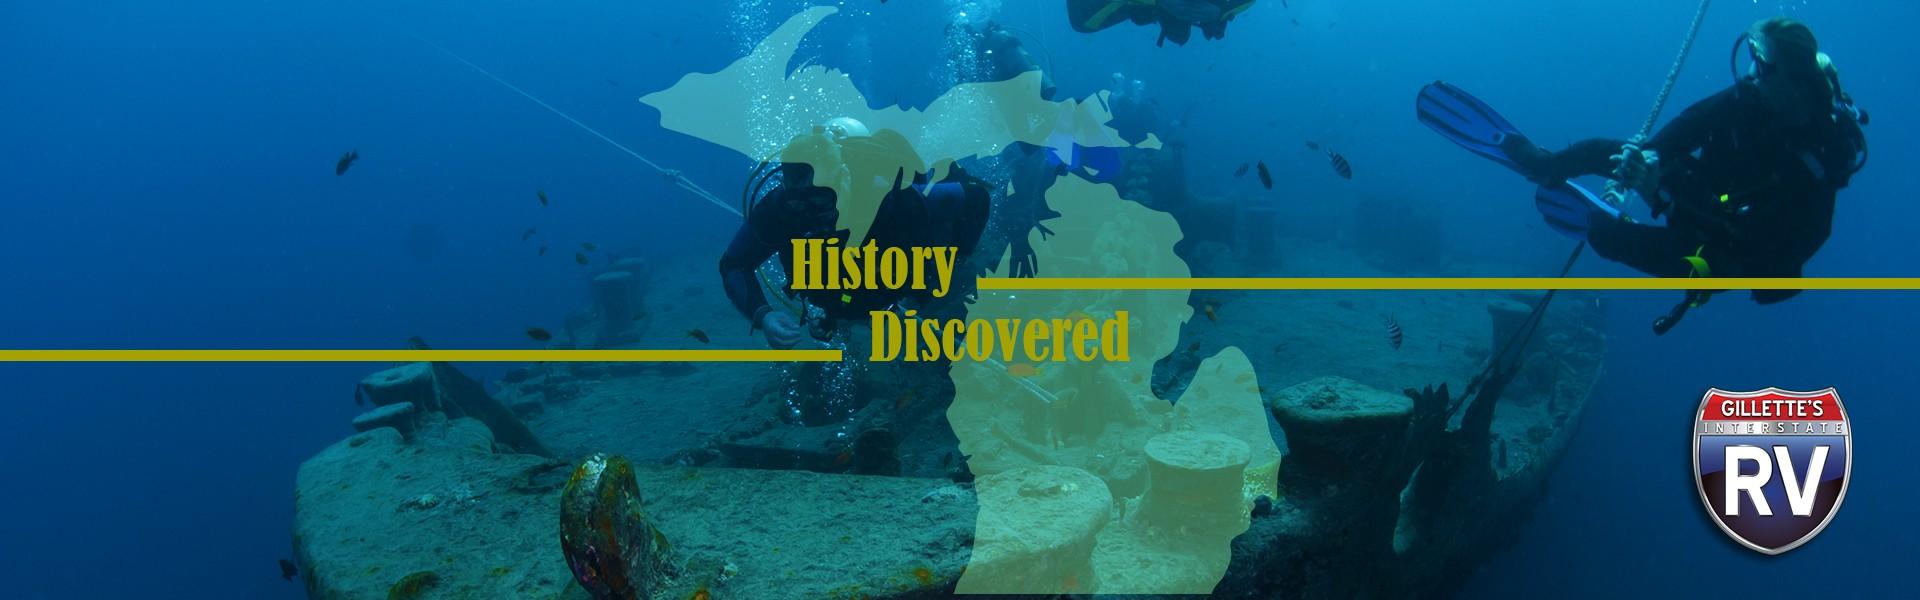 history-discovered-michigan-great-lakes-subadivers-and-shipwrecks